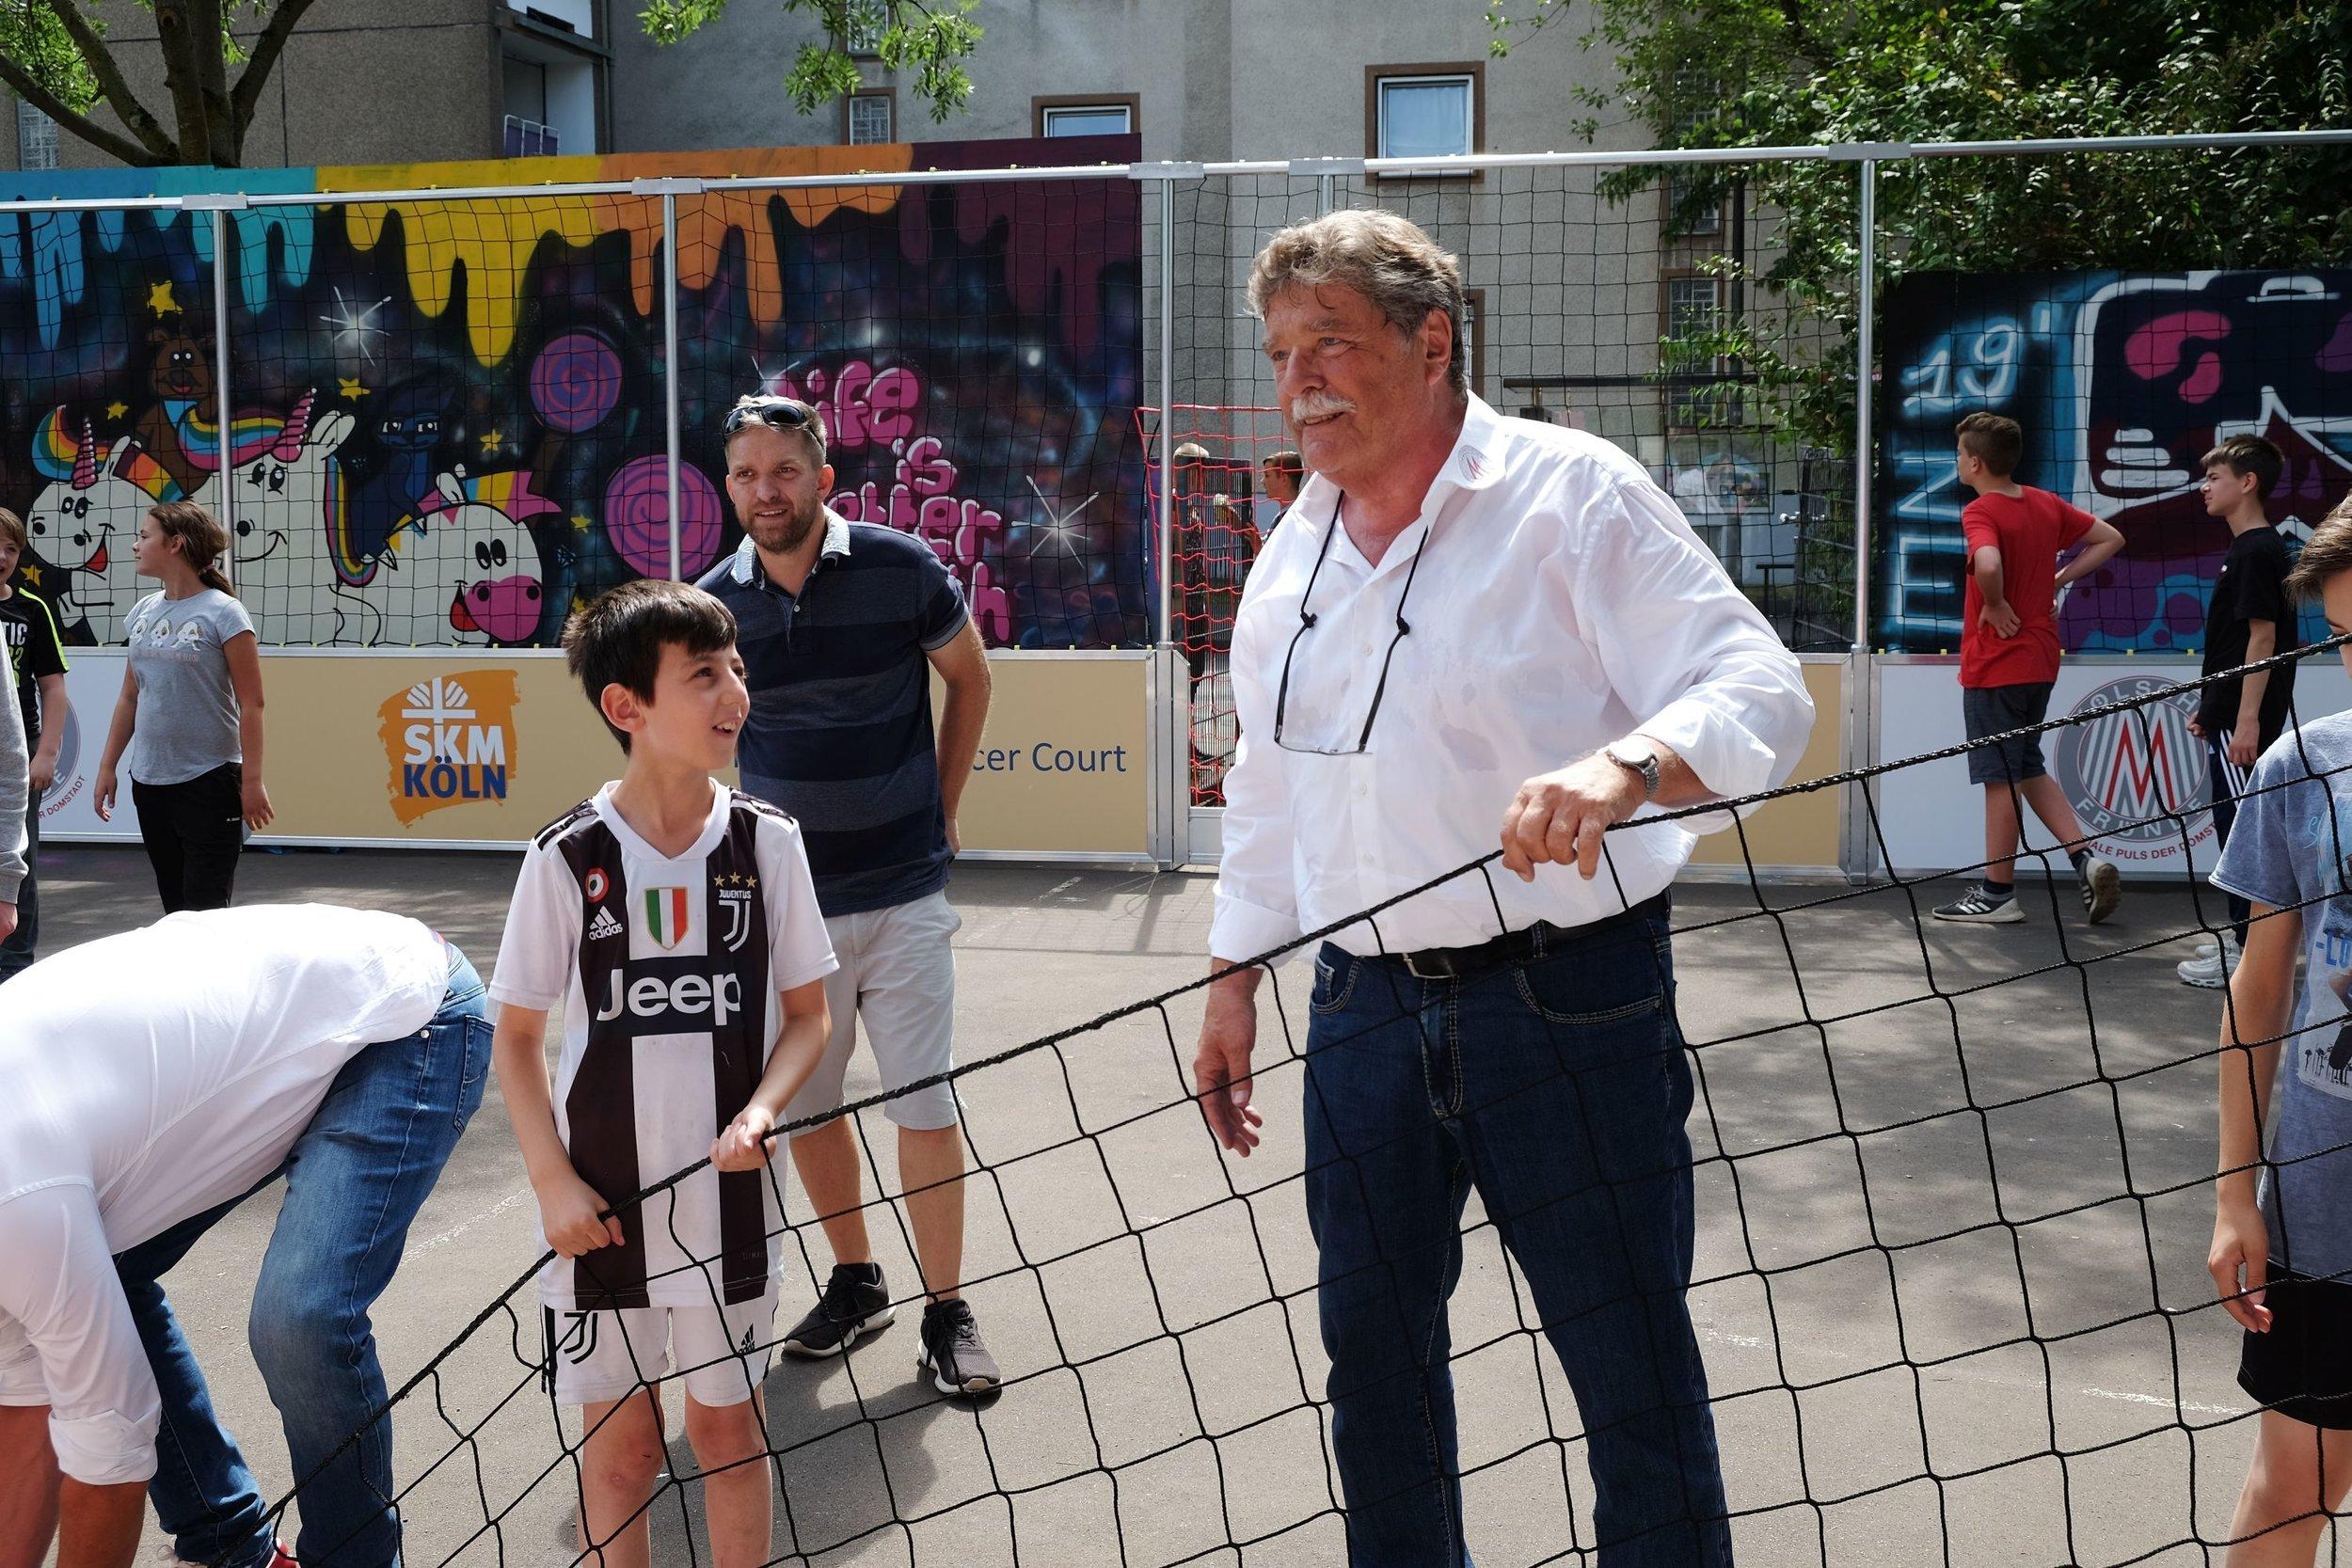 4. Soccer Court_Fritz_Schramma.jpg